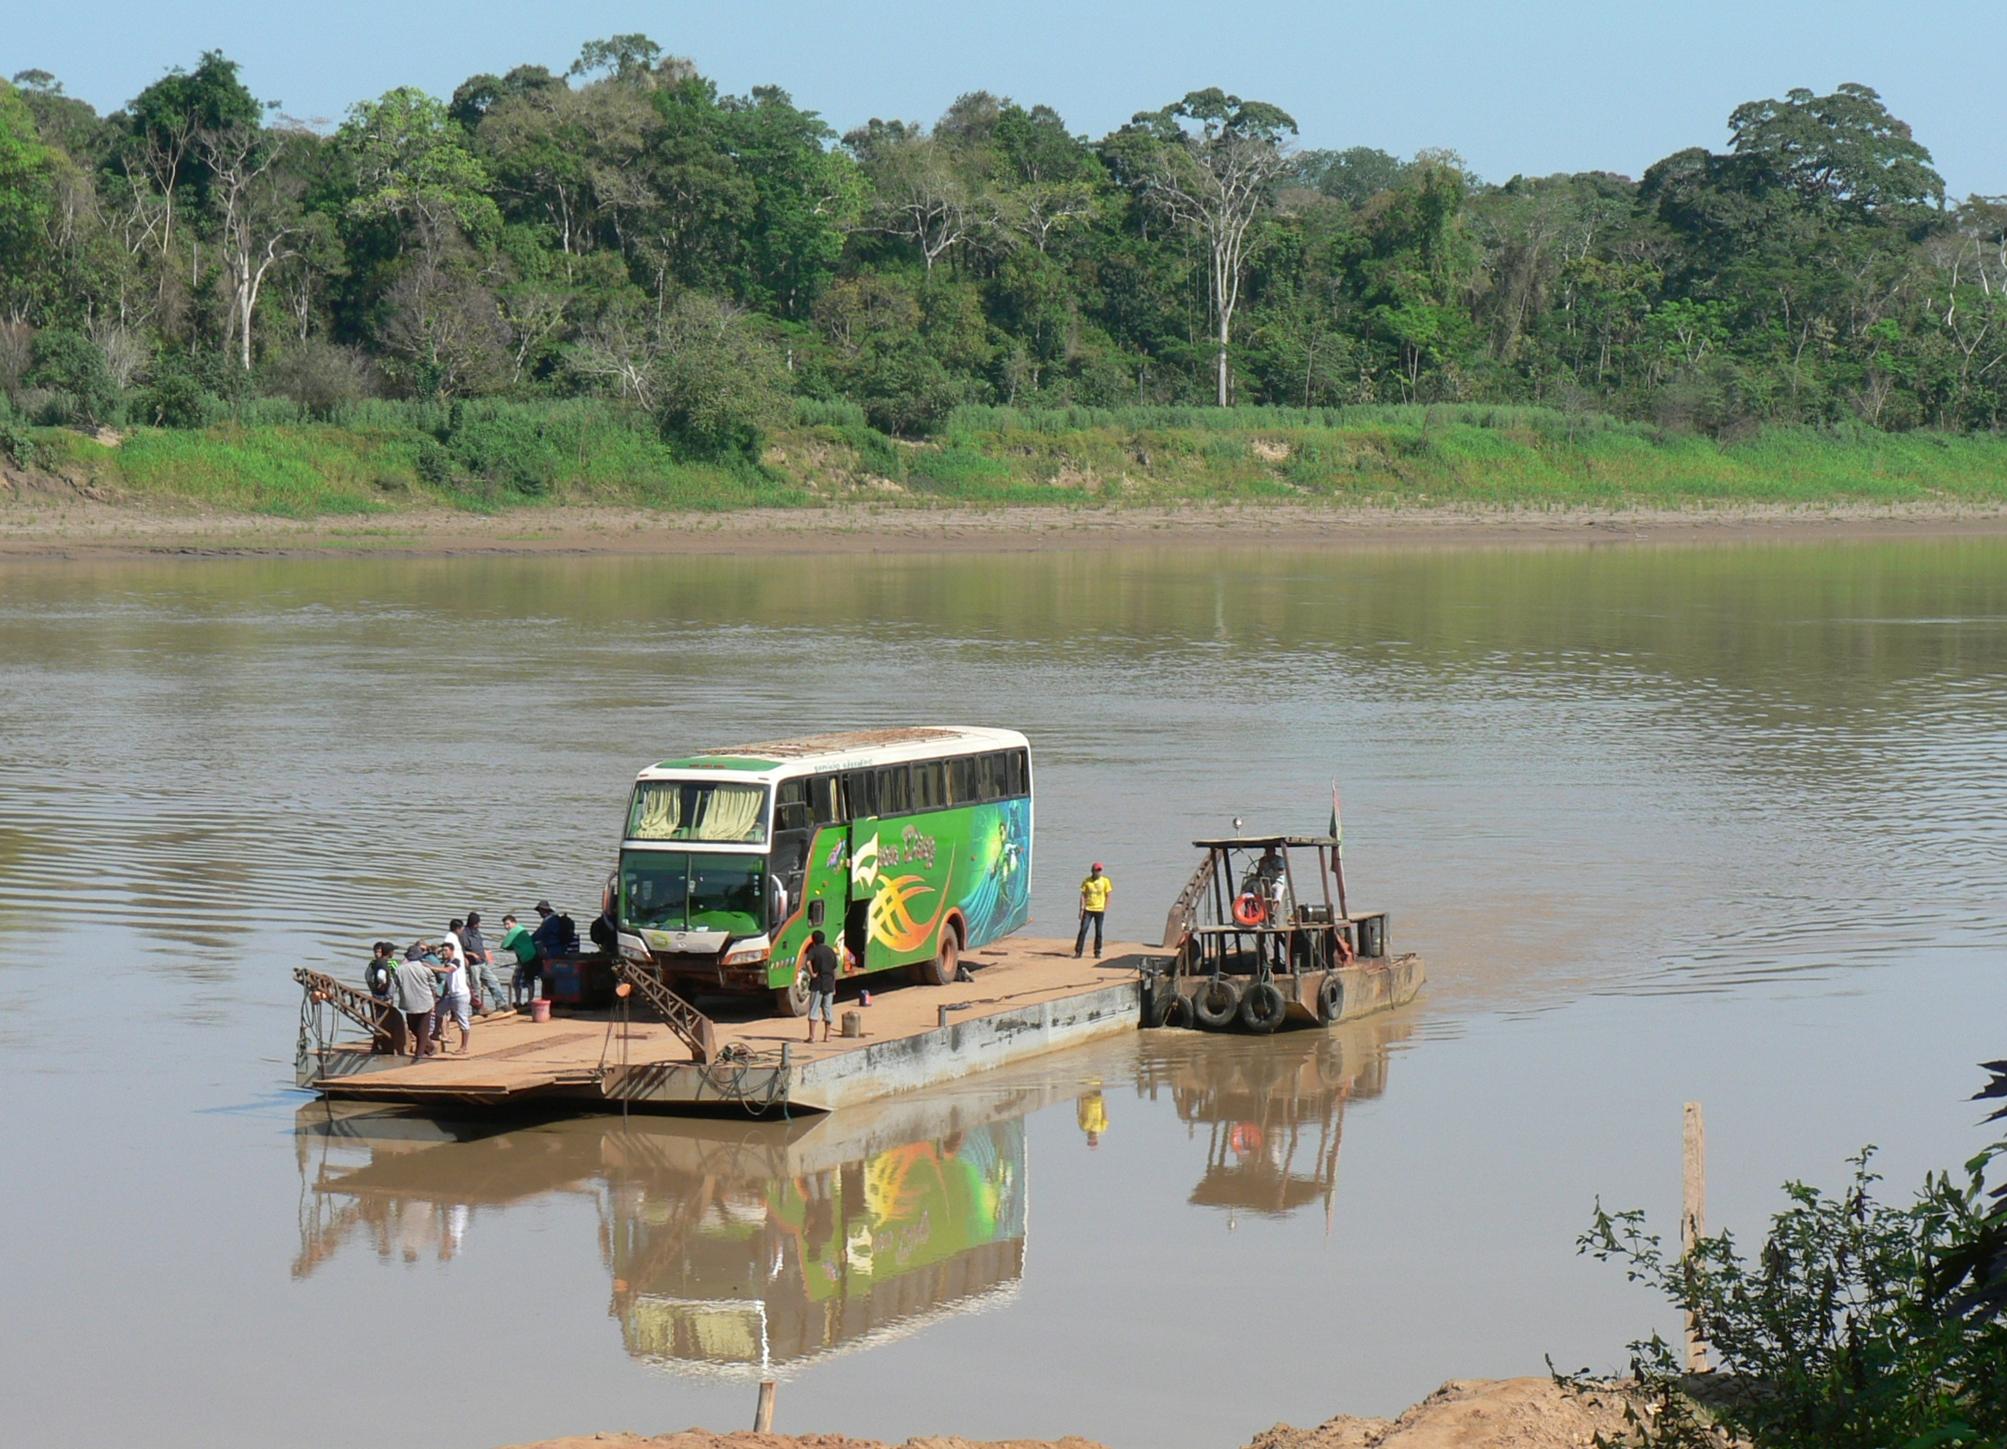 Archivo:Cruzando el río Beni, Bolivia.JPG